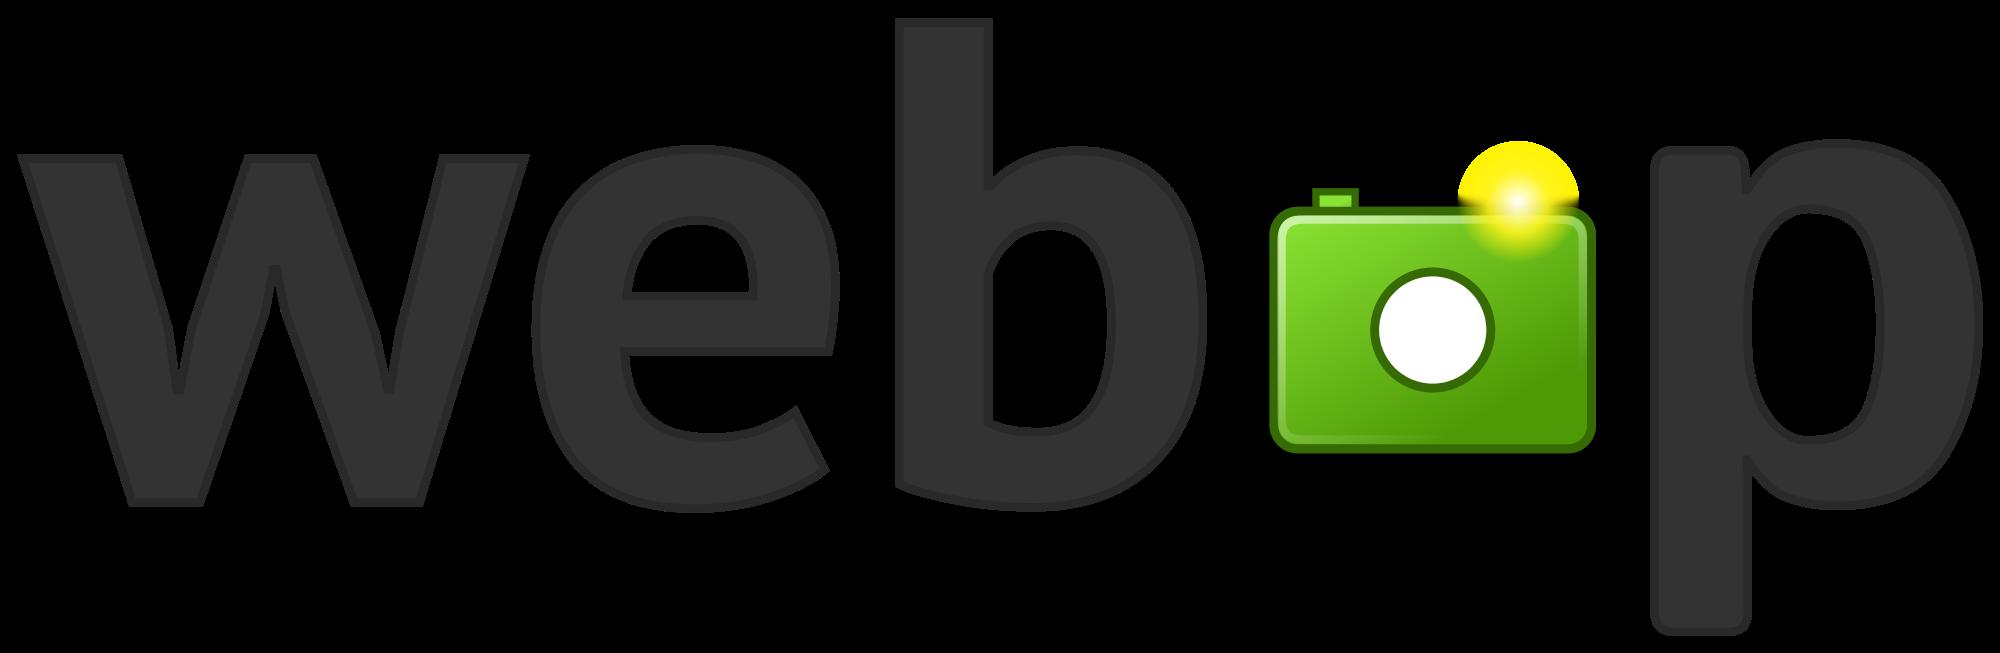 webp logo png